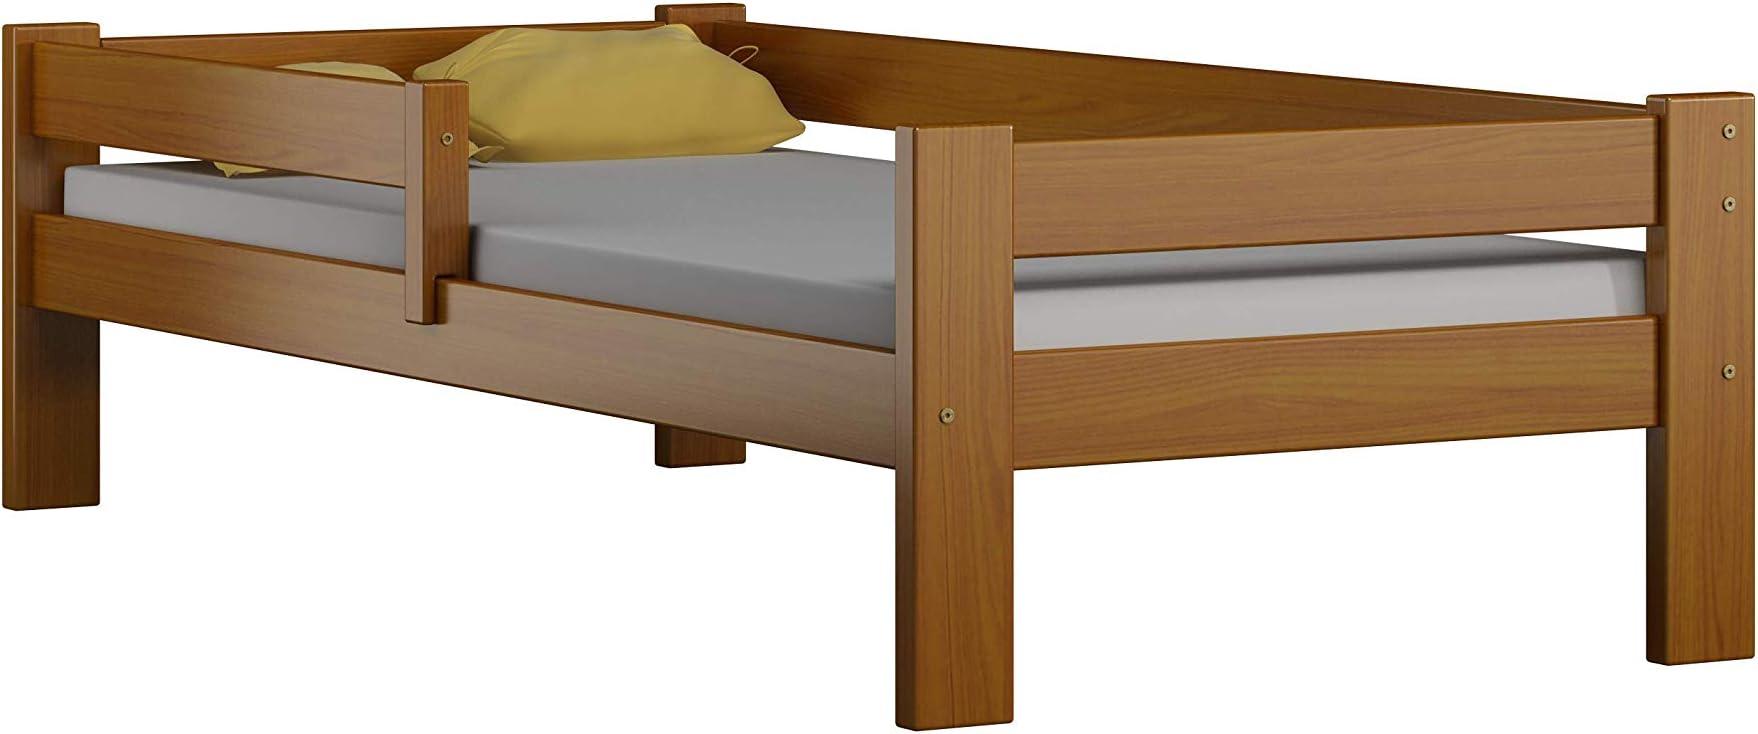 Childrens Beds Home Cama Individual de Madera Maciza de Pino - Sauce sin cajones ni colchón Incluido (160x80, Aliso)